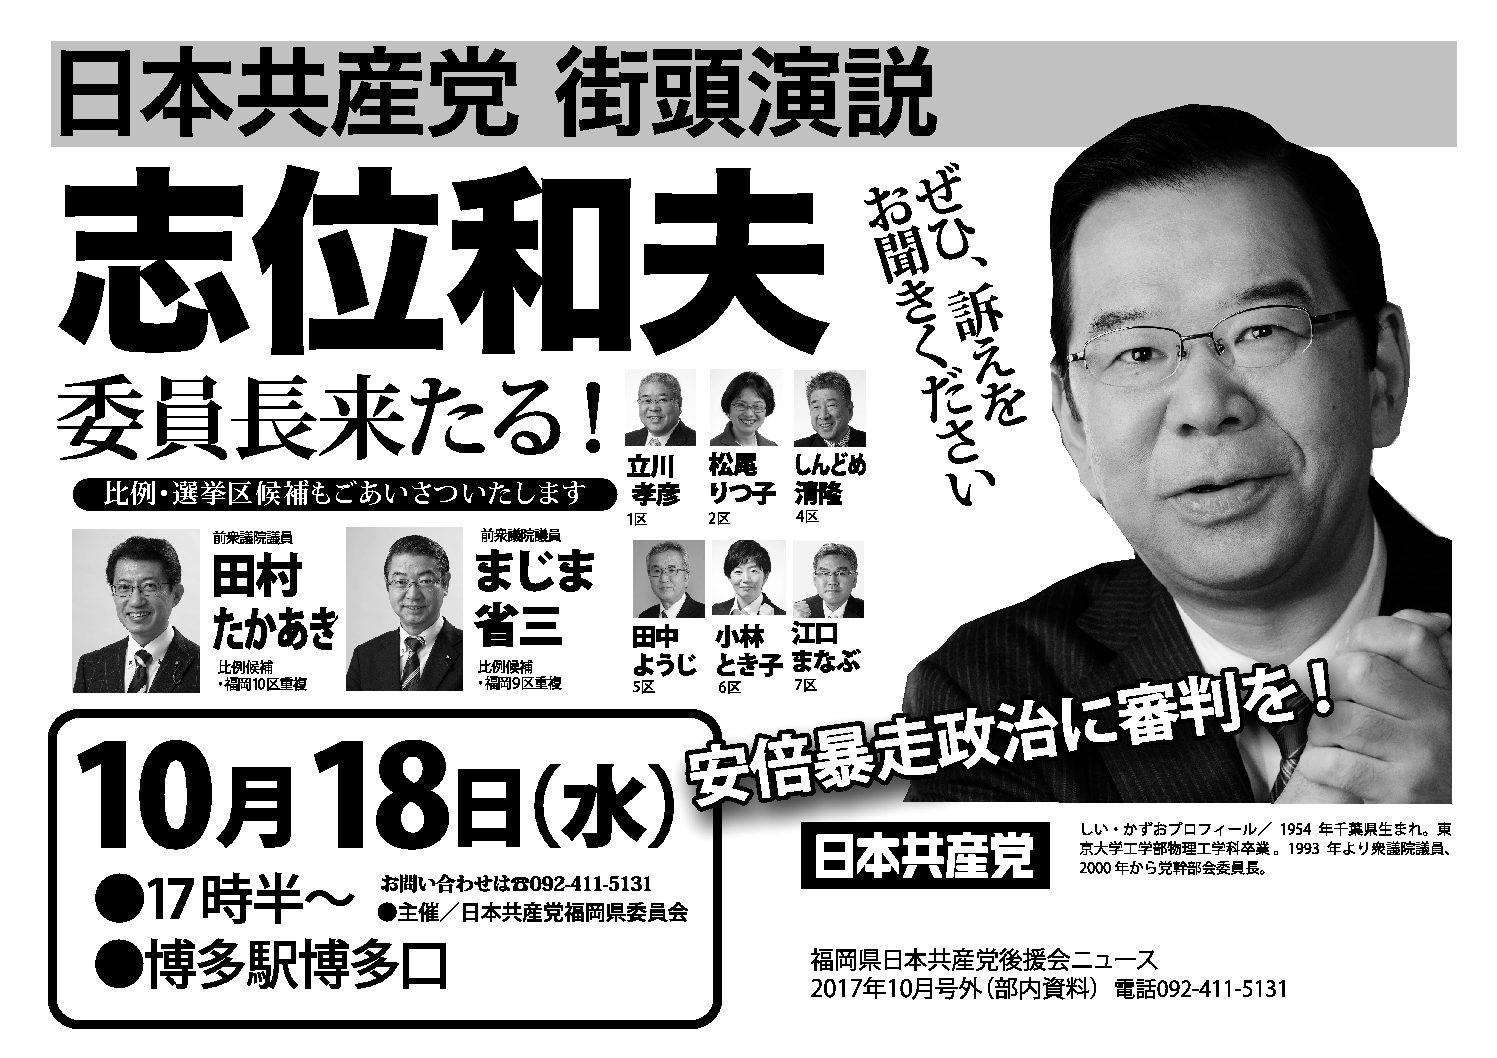 10月18日(土) 17時30分〜 博多駅博多口前 街頭演説